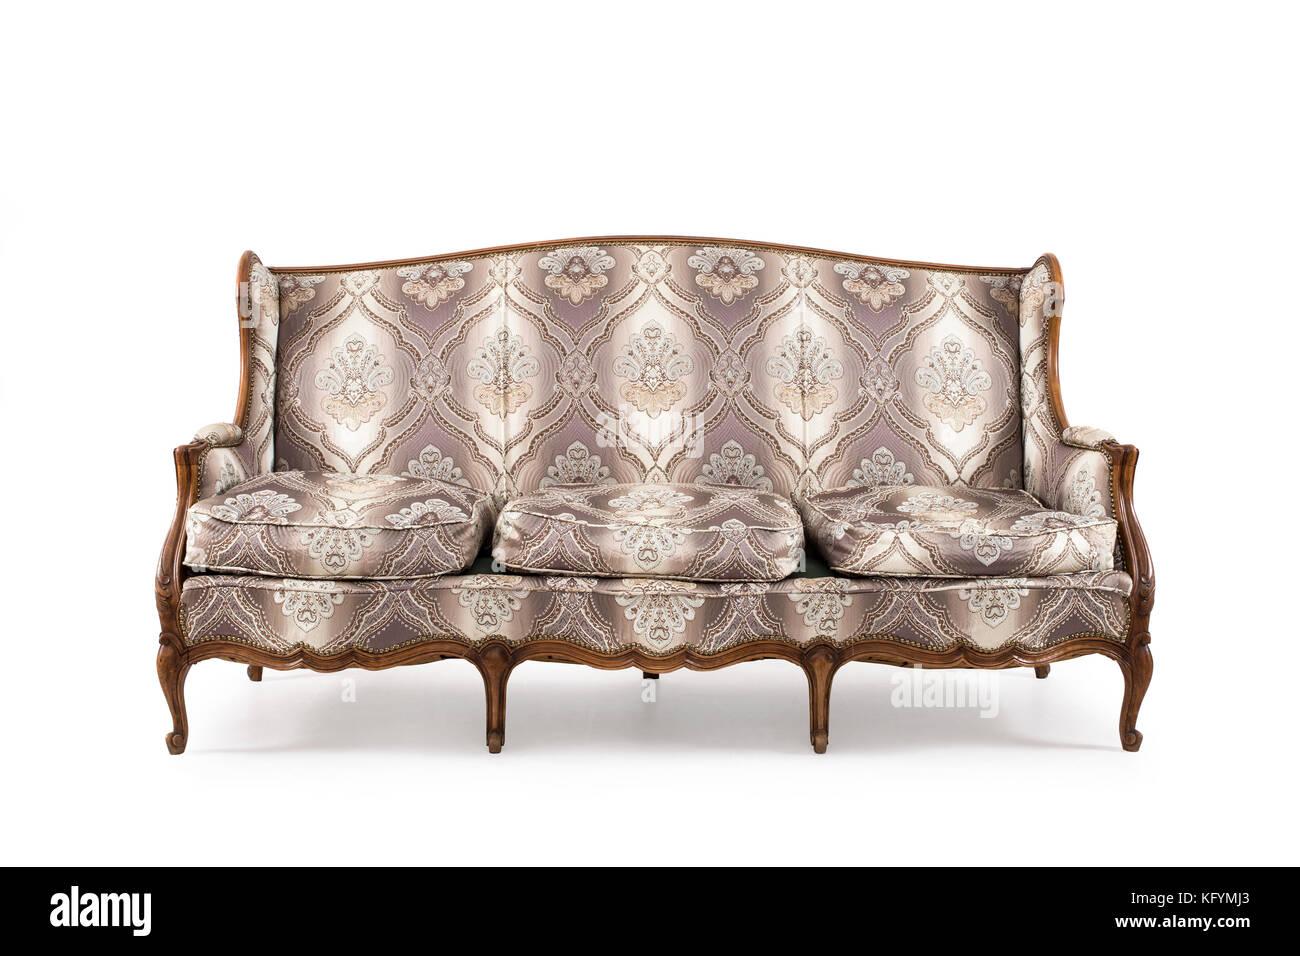 Legno di antiquariato divano su sfondo bianco. Immagini Stock